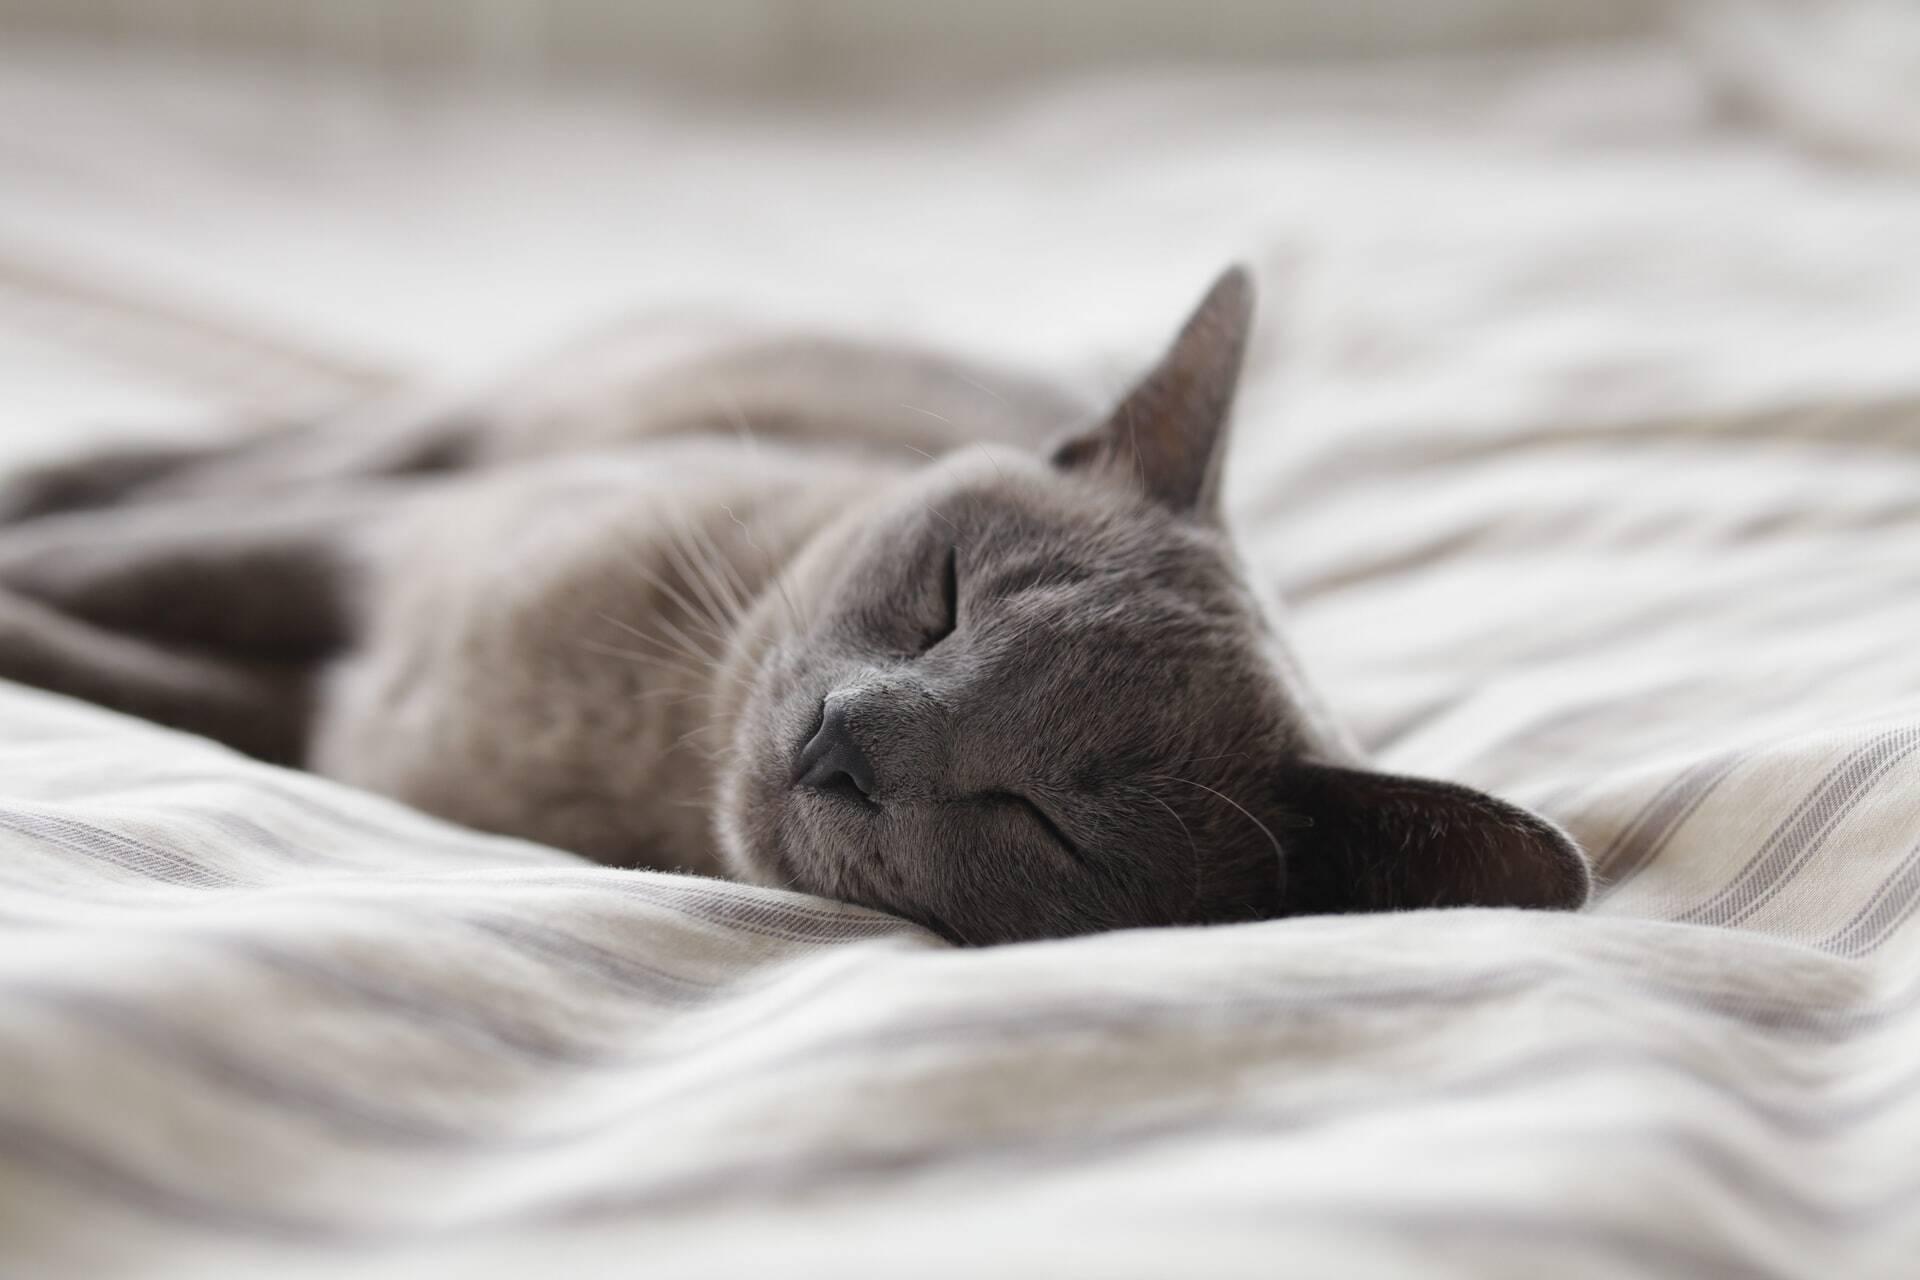 Especialistas explicam por que alguns gatos gostam de dormir na cabeça dos donos